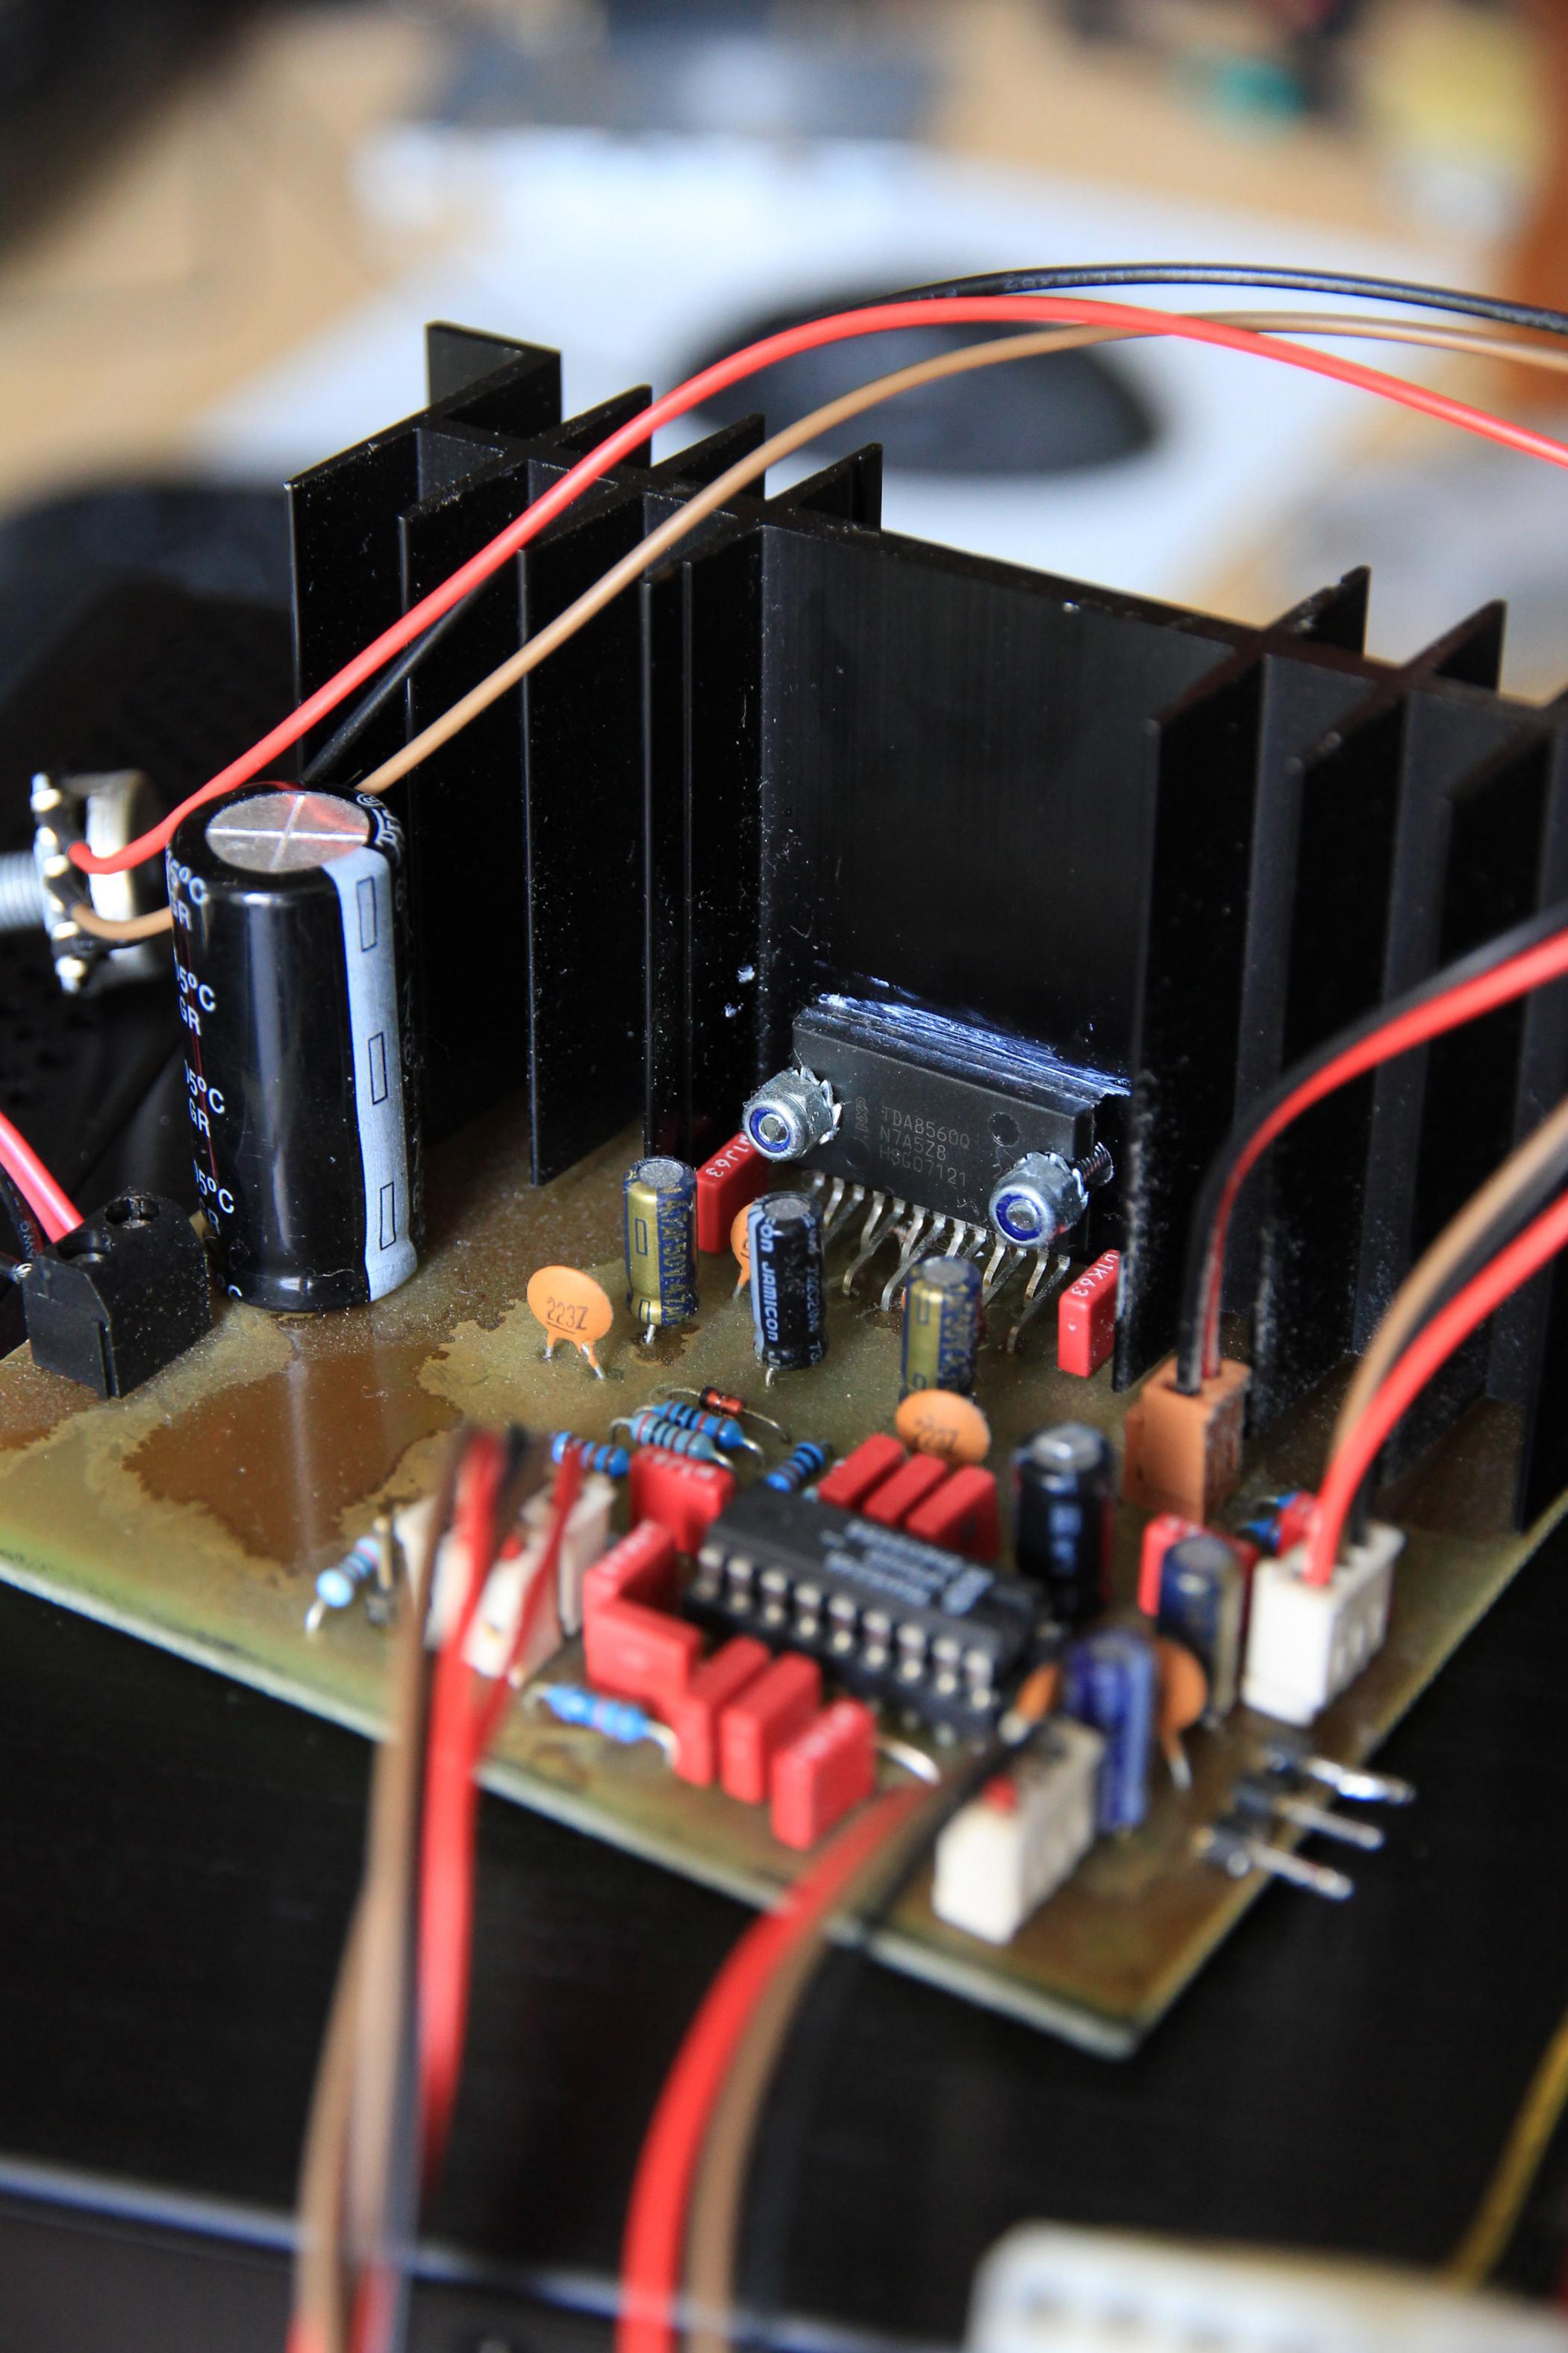 Projekt] Mein eigenes Internetradio | ComputerBase Forum